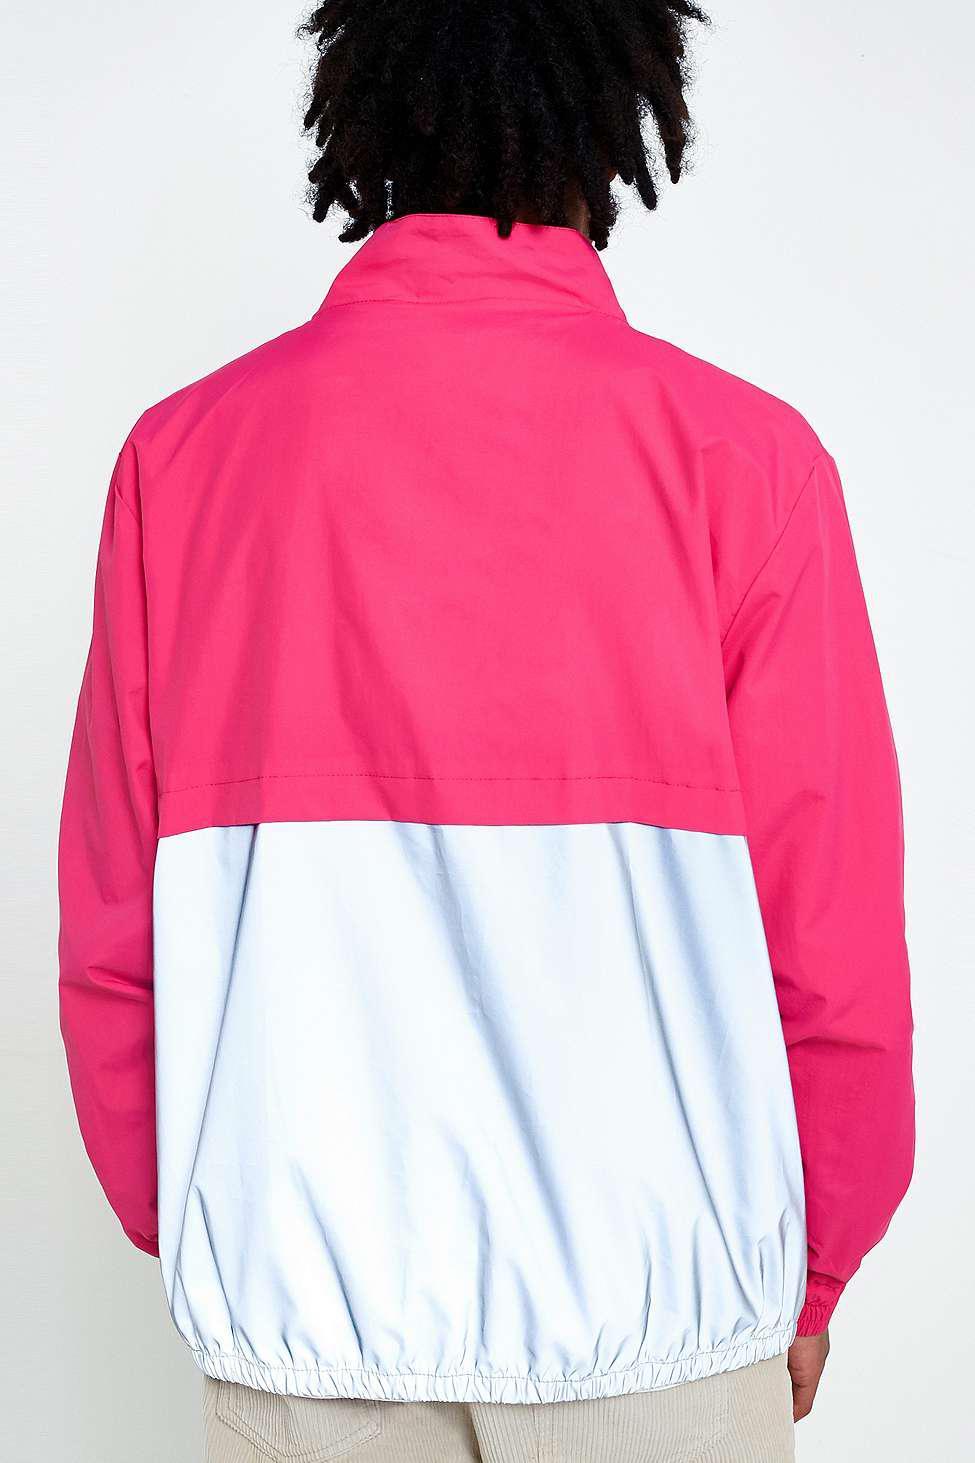 Fila X Uo Levi Pink Zip Jacket for Men